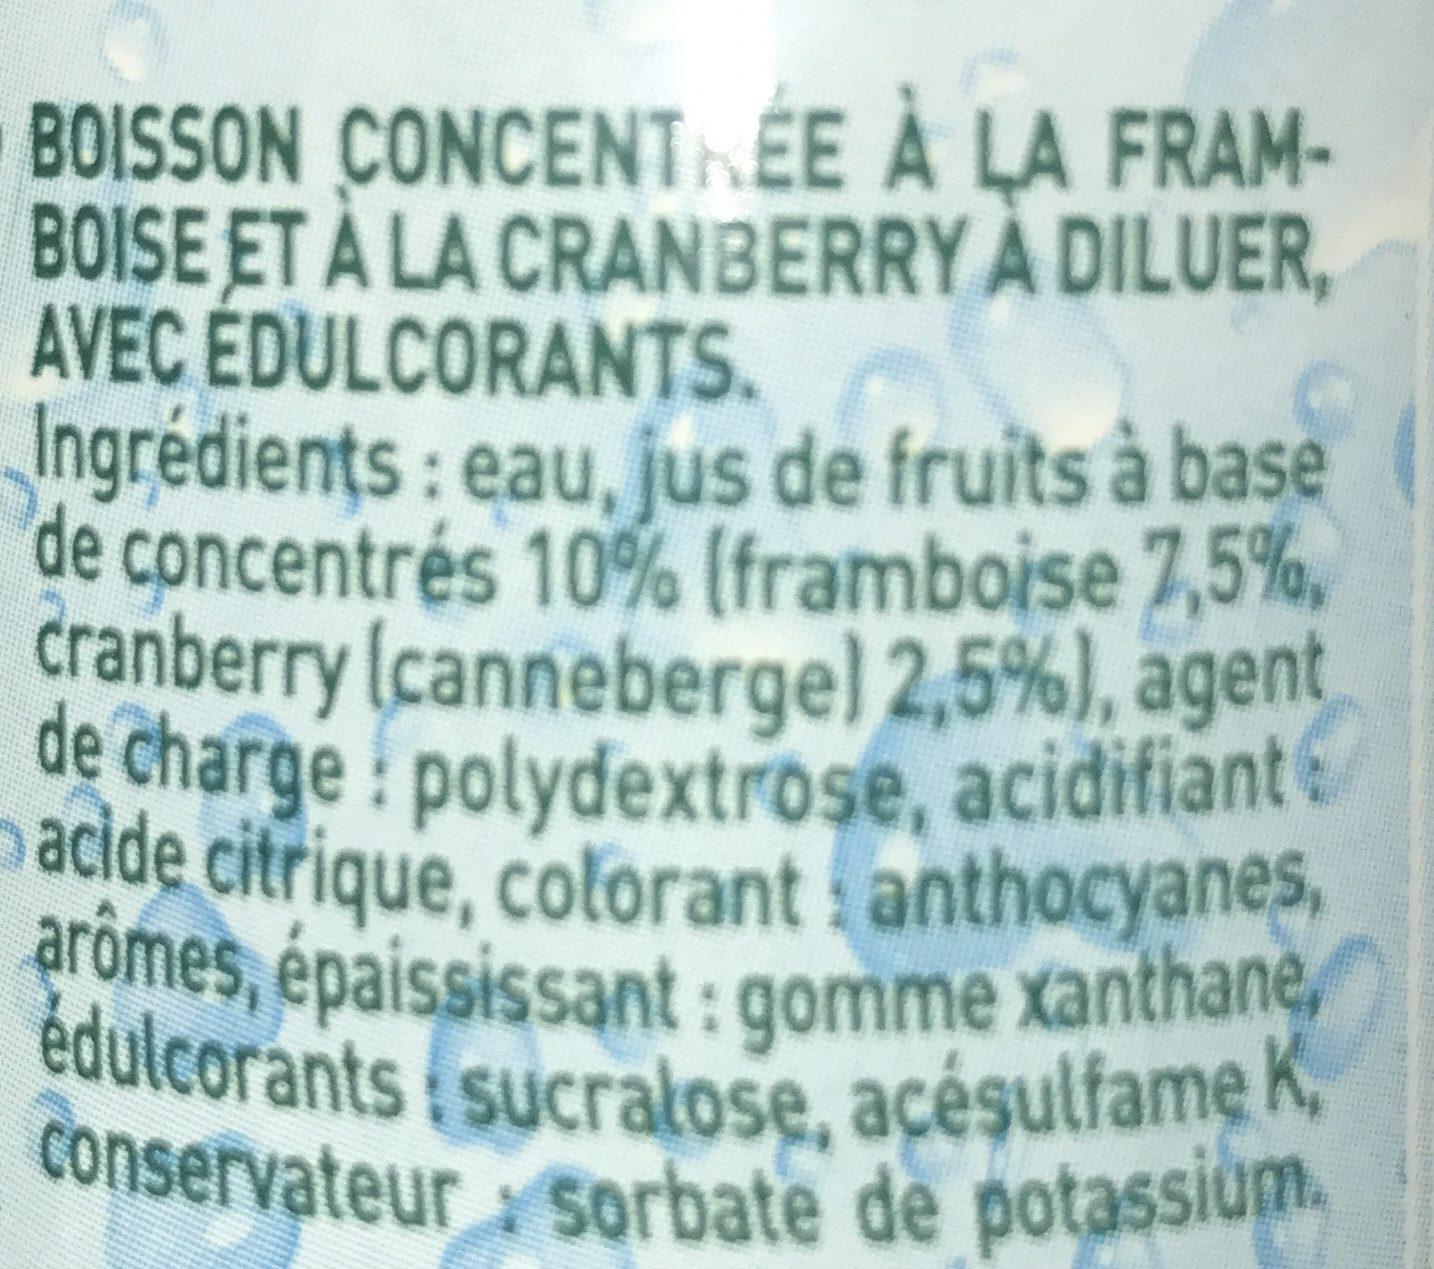 Framboise Cranberry 0 % de sucre - Ingredients